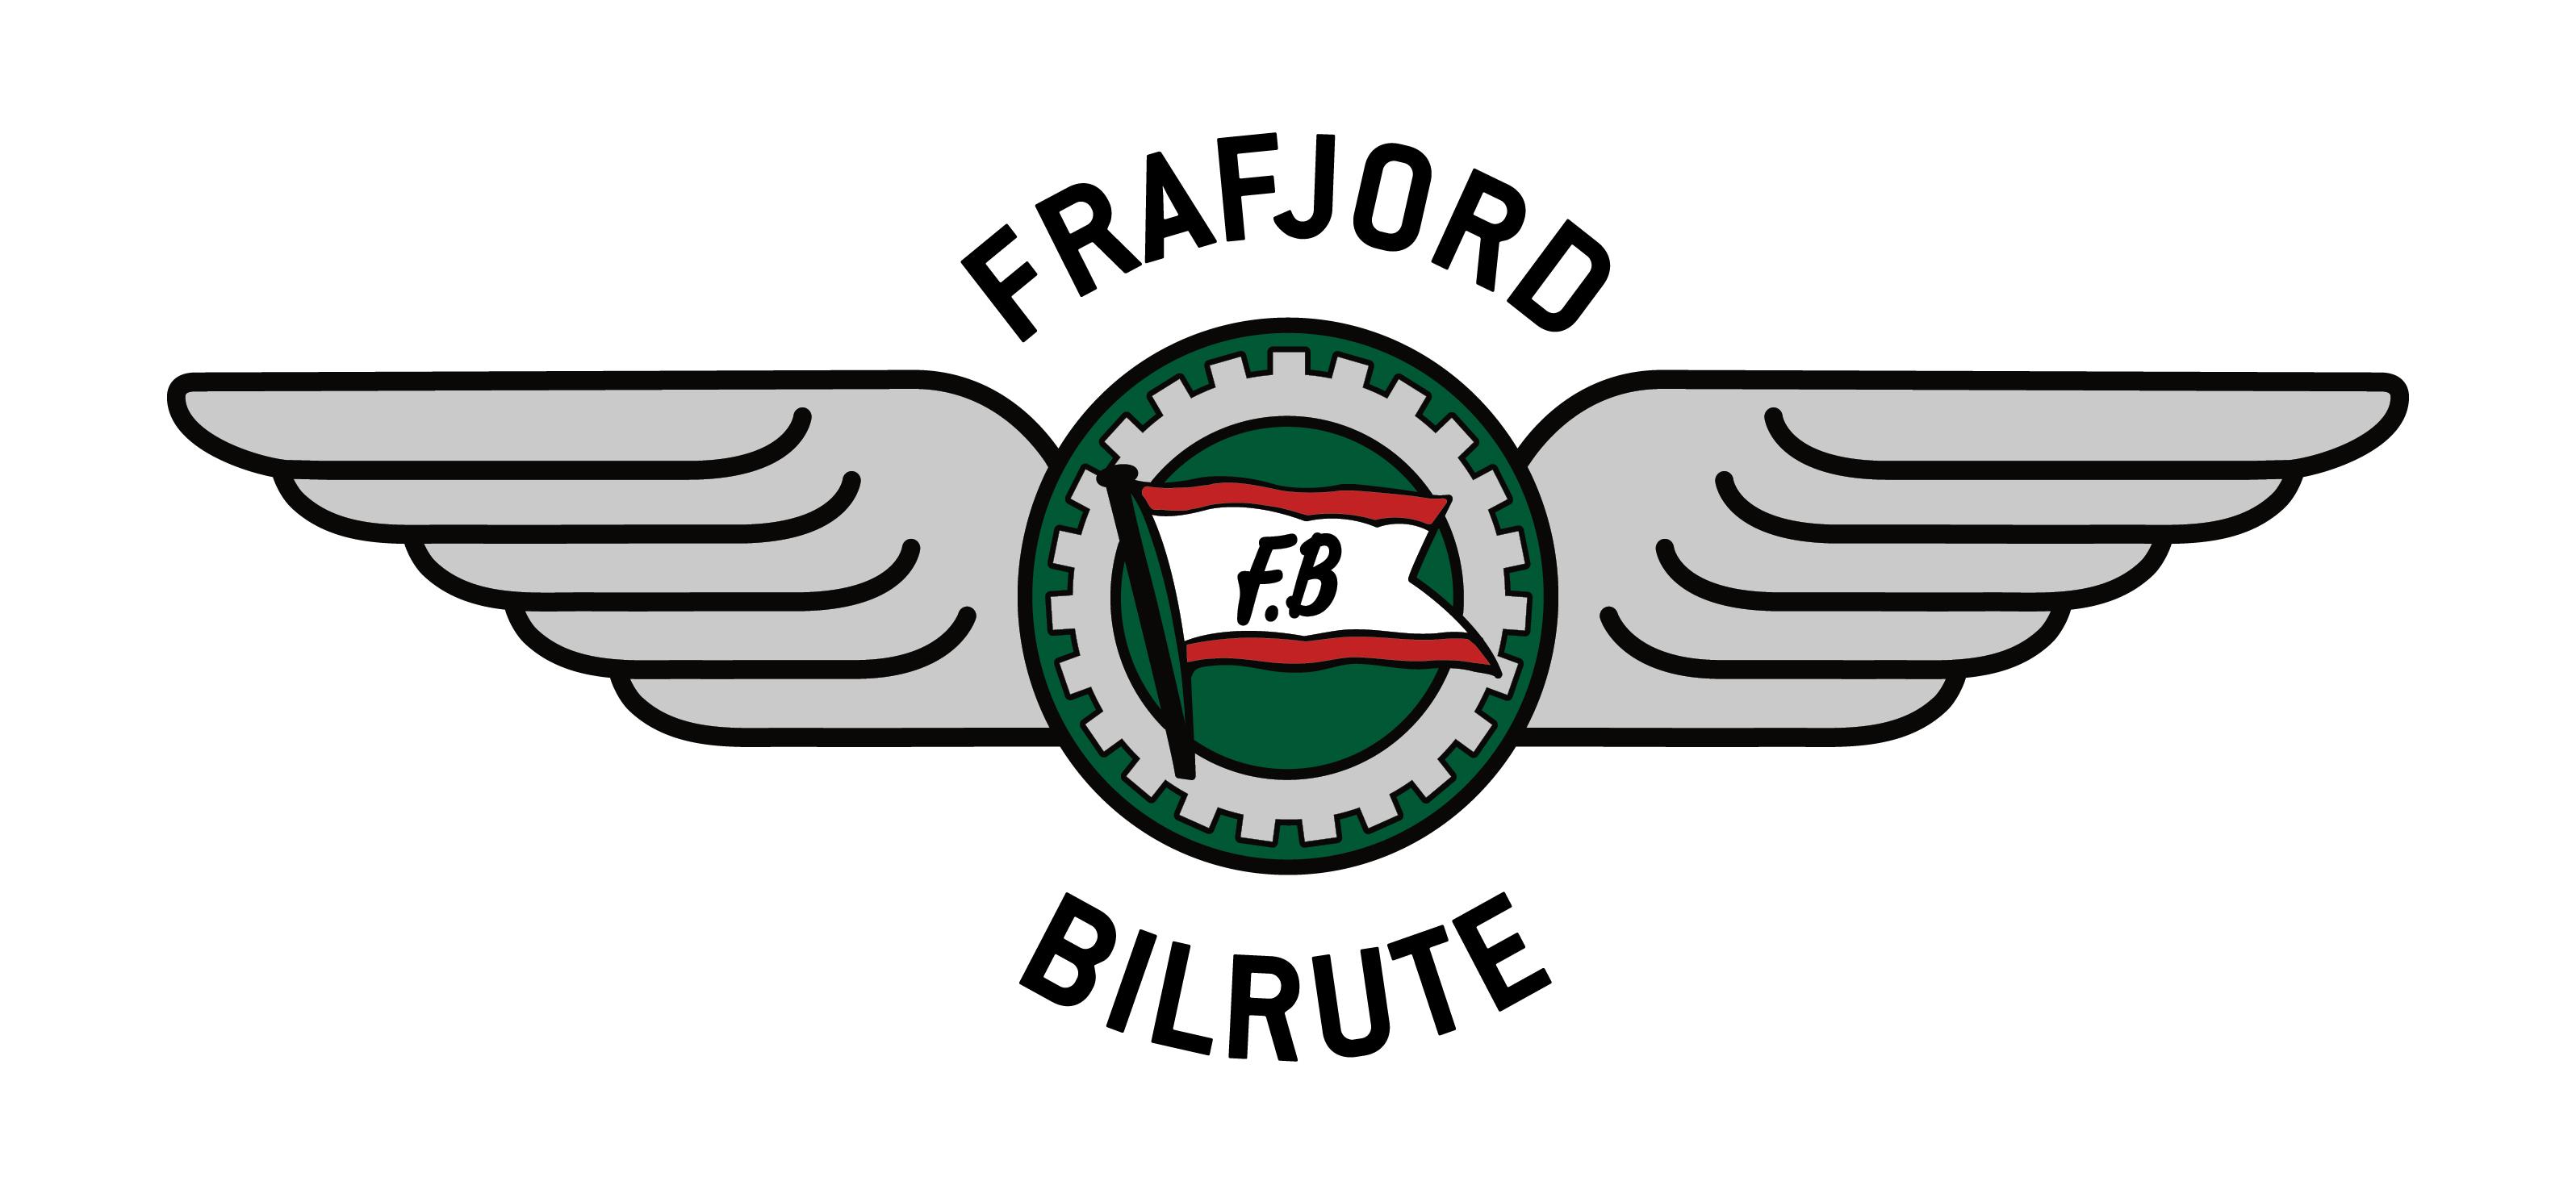 Frafjord bilrute